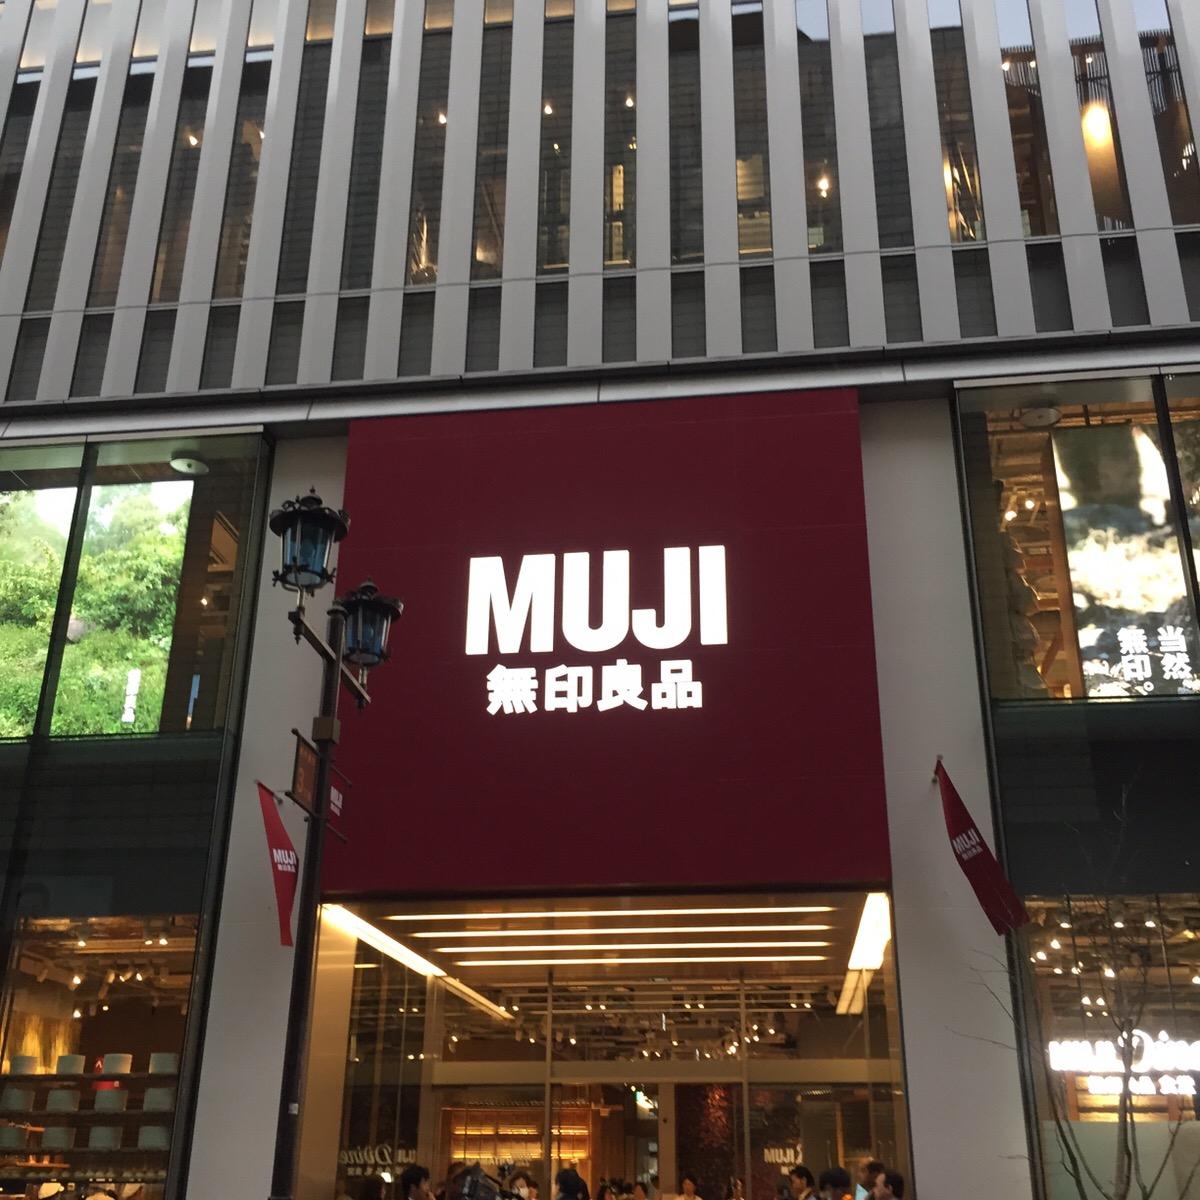 銀座並木通り沿いにある「MUJI HOTEL GINZA」のエントランス。